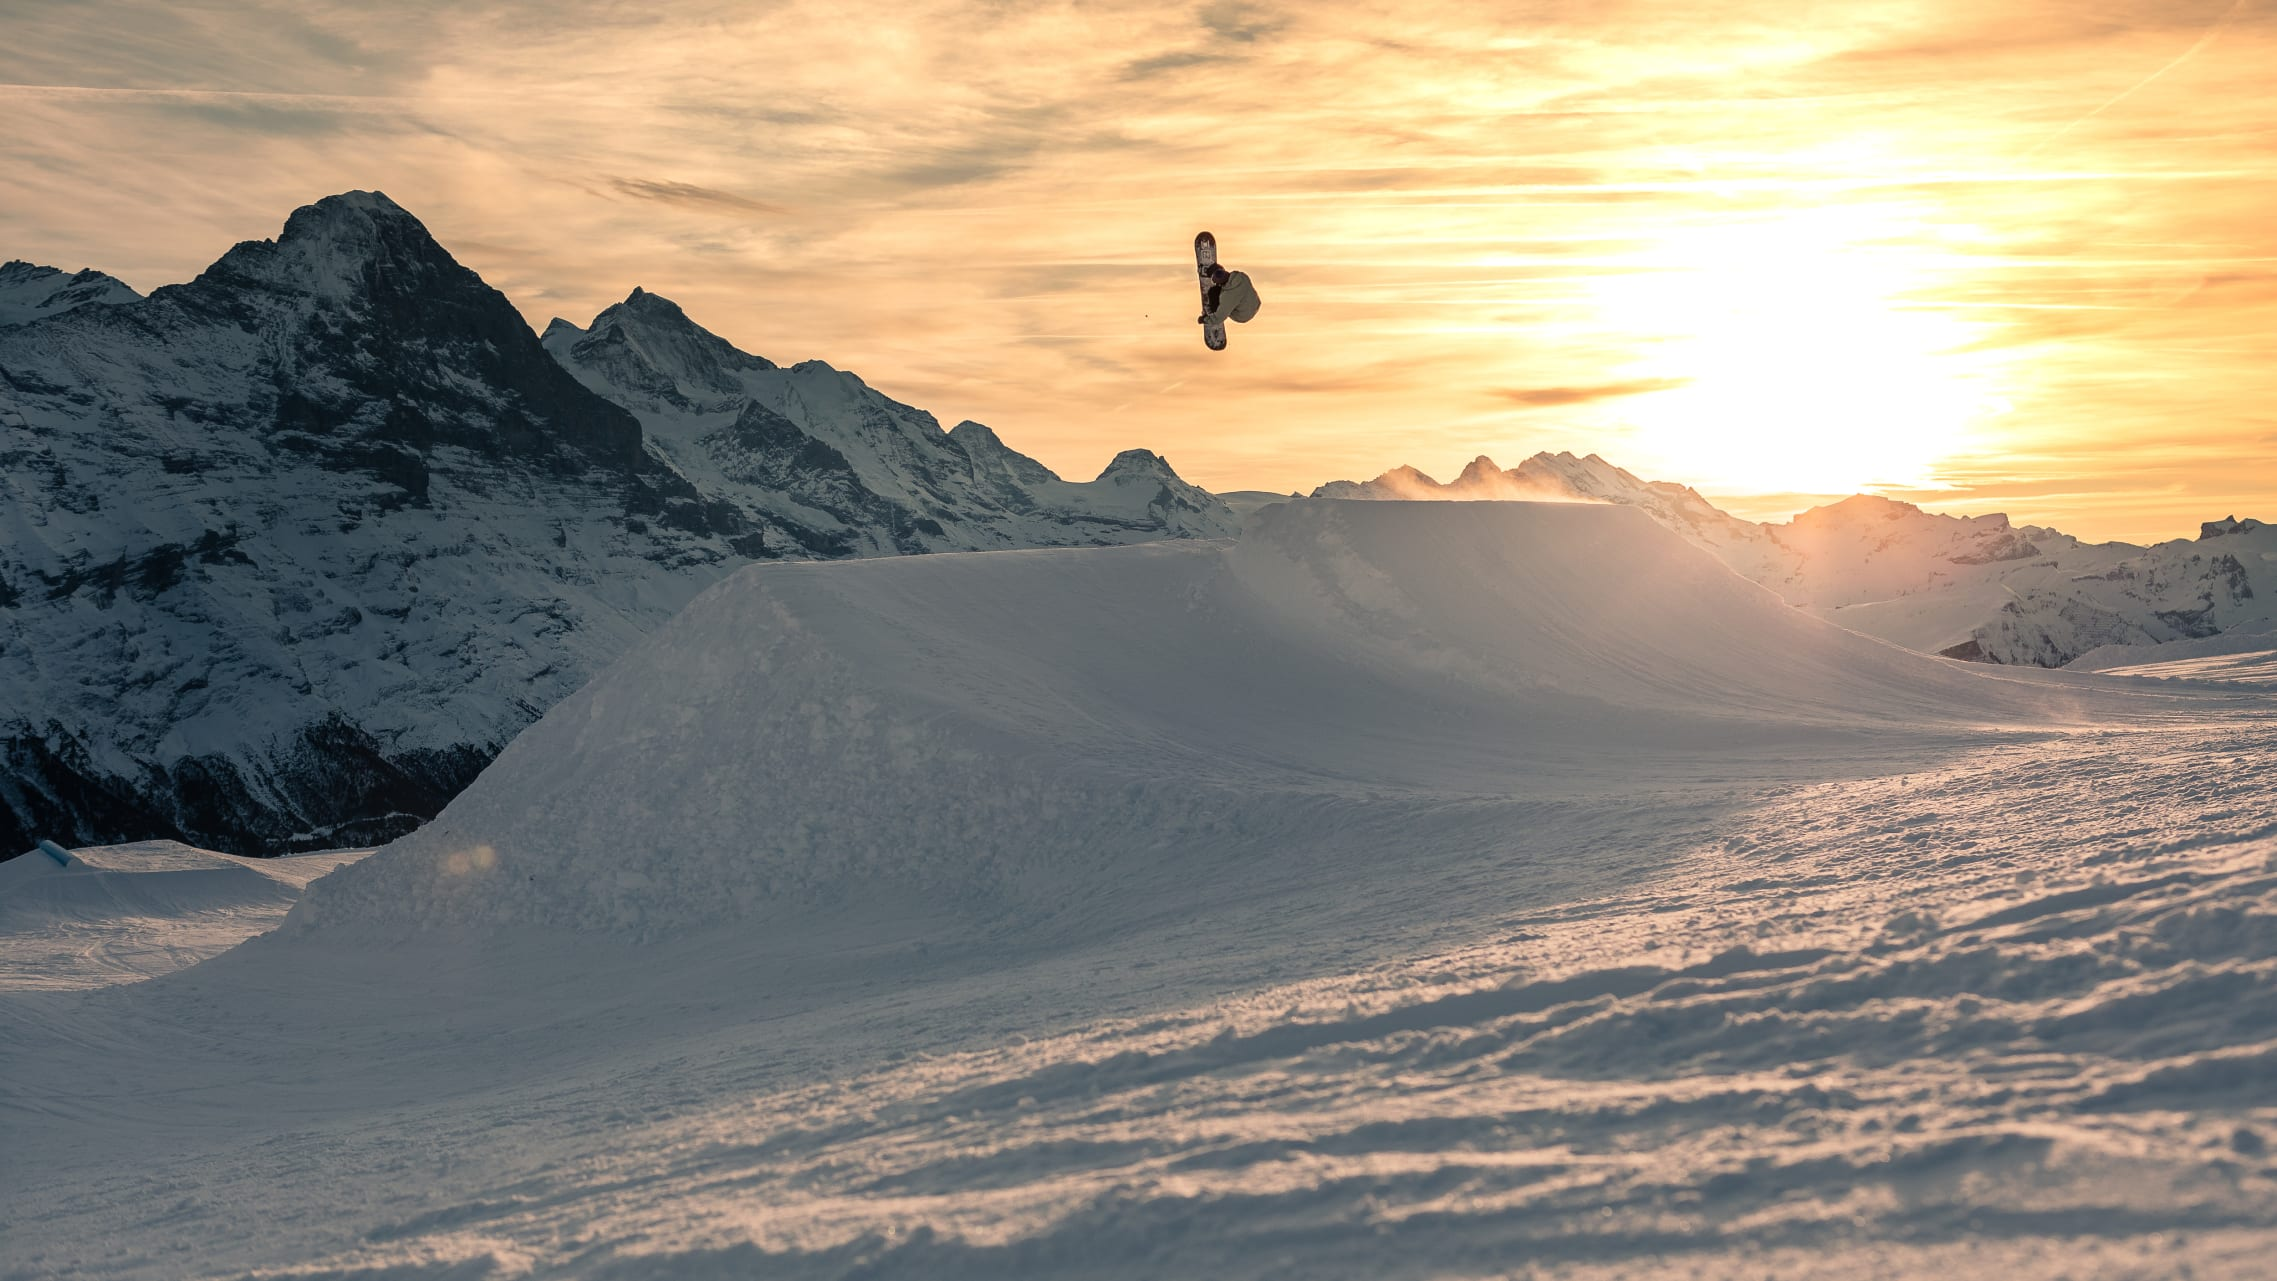 Snowpark Grindelwald First Snowboard Sunset Vaentin Mueller 1